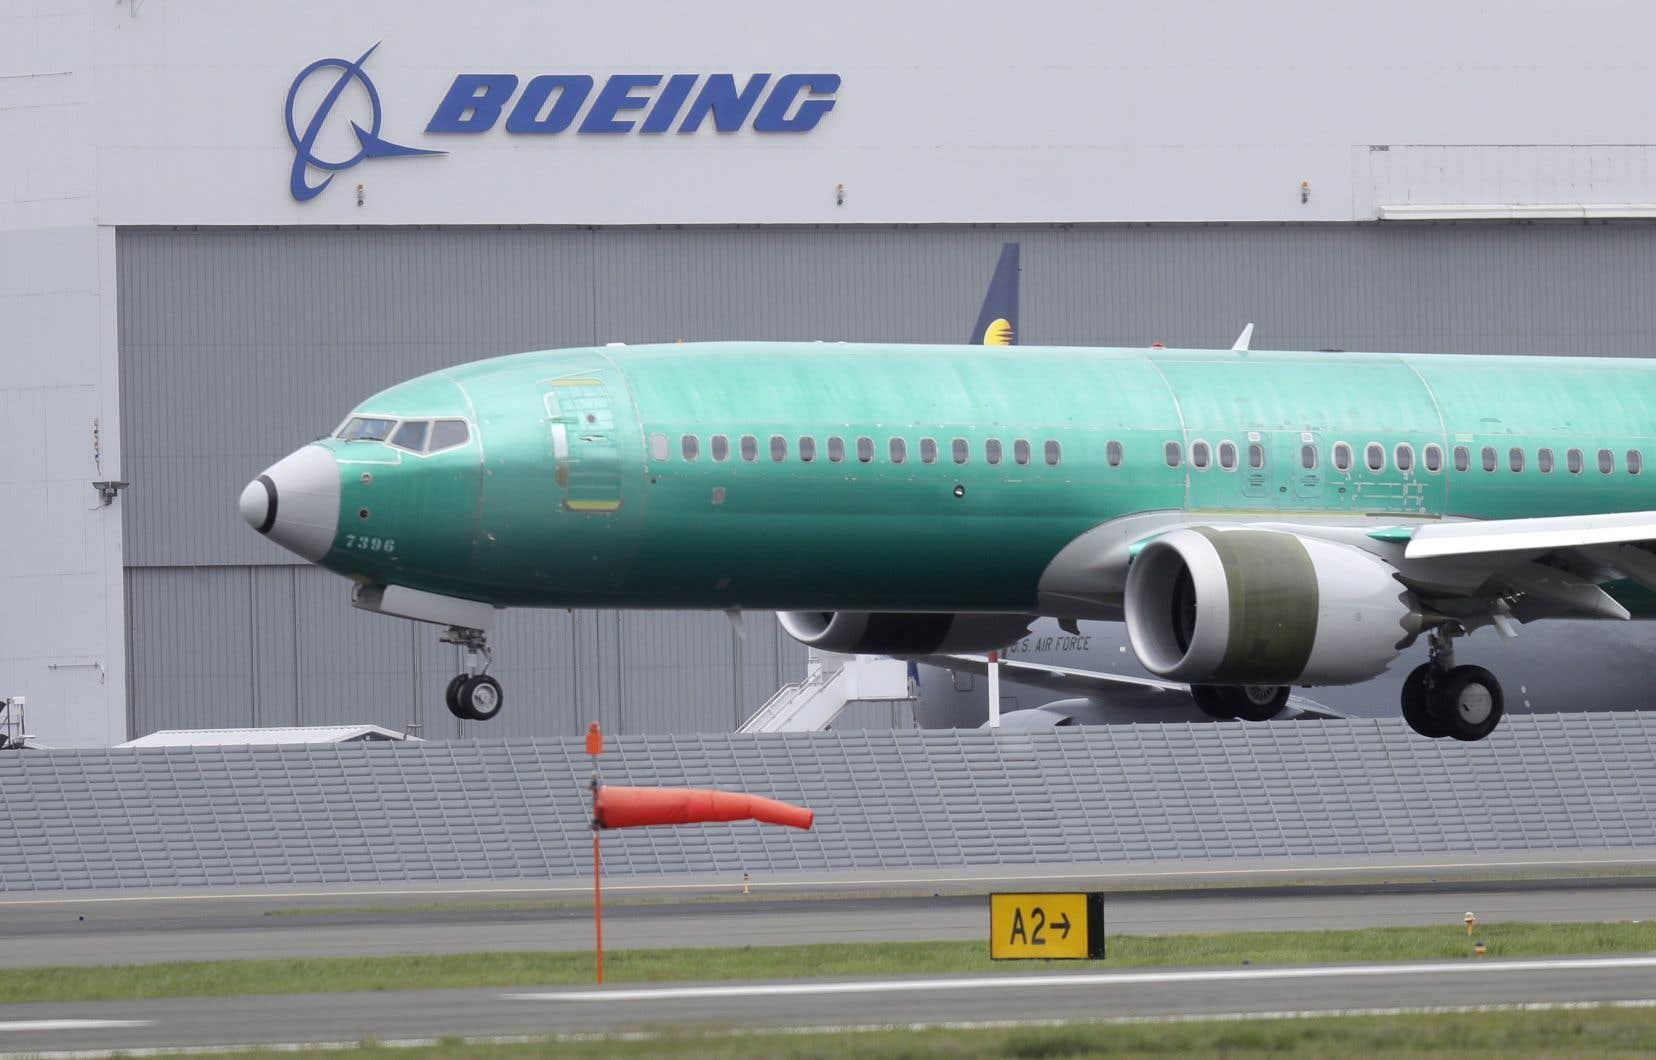 Boeing n'a pas encore soumis la mise à jour du MCAS à l'agence fédérale de l'aviation américaine (FAA), chargée de donner son feu vert à un retour dans le ciel du 737 MAX.